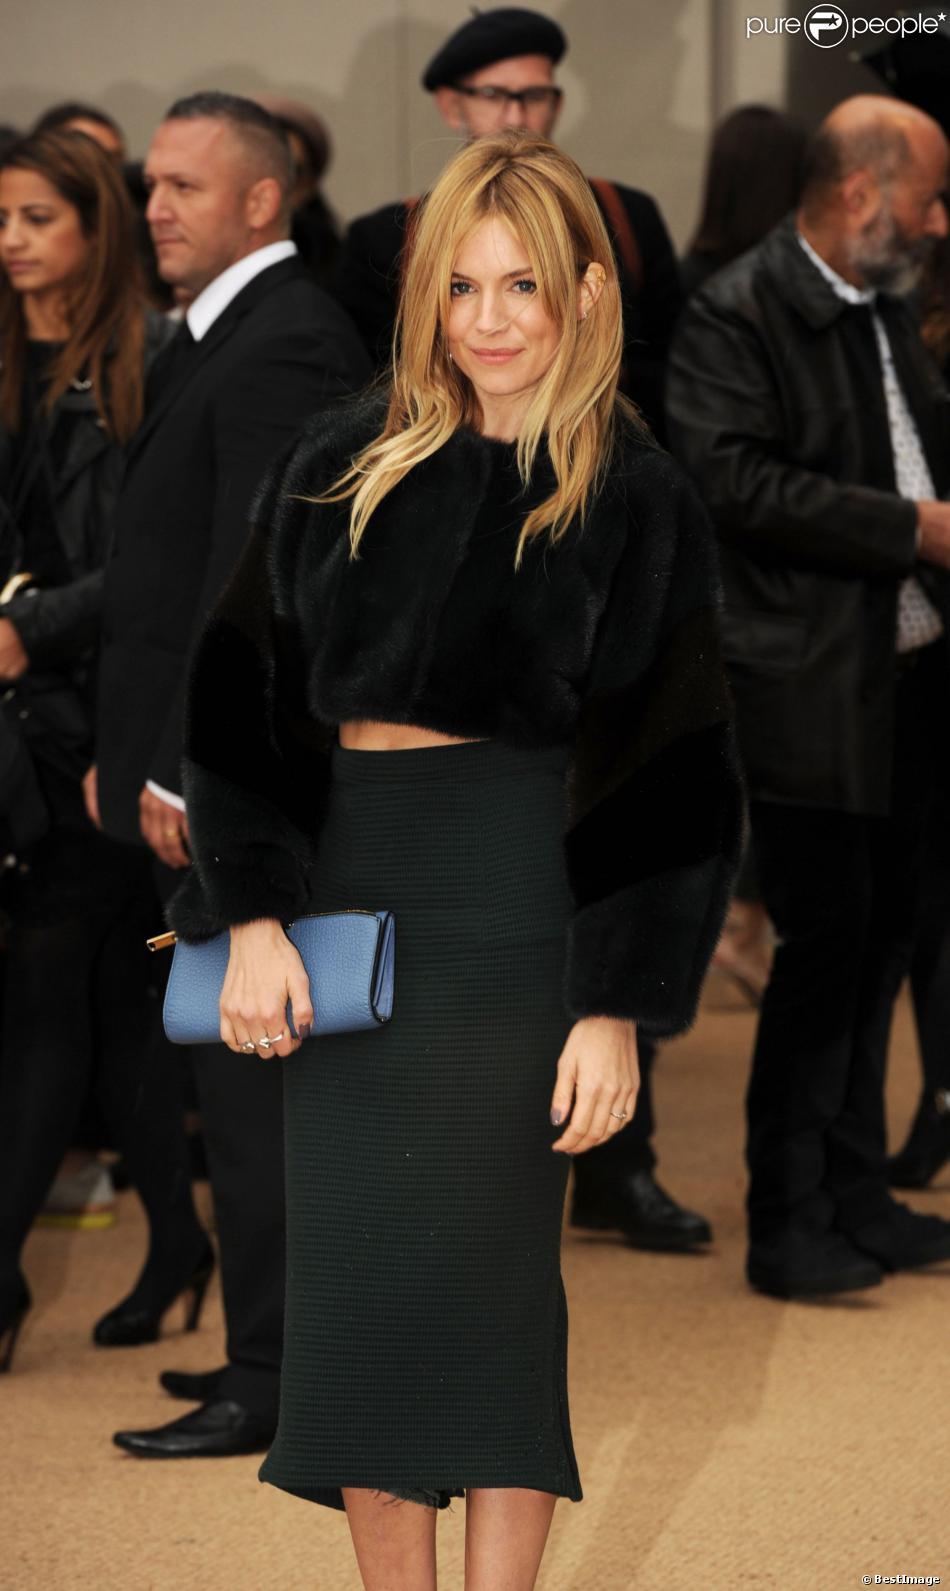 Sienna Miller au défilé de mode Burberry Prorsum, collection printemps-été 2014, lors de la fashion week de Londres. Le 16 septembre 2013